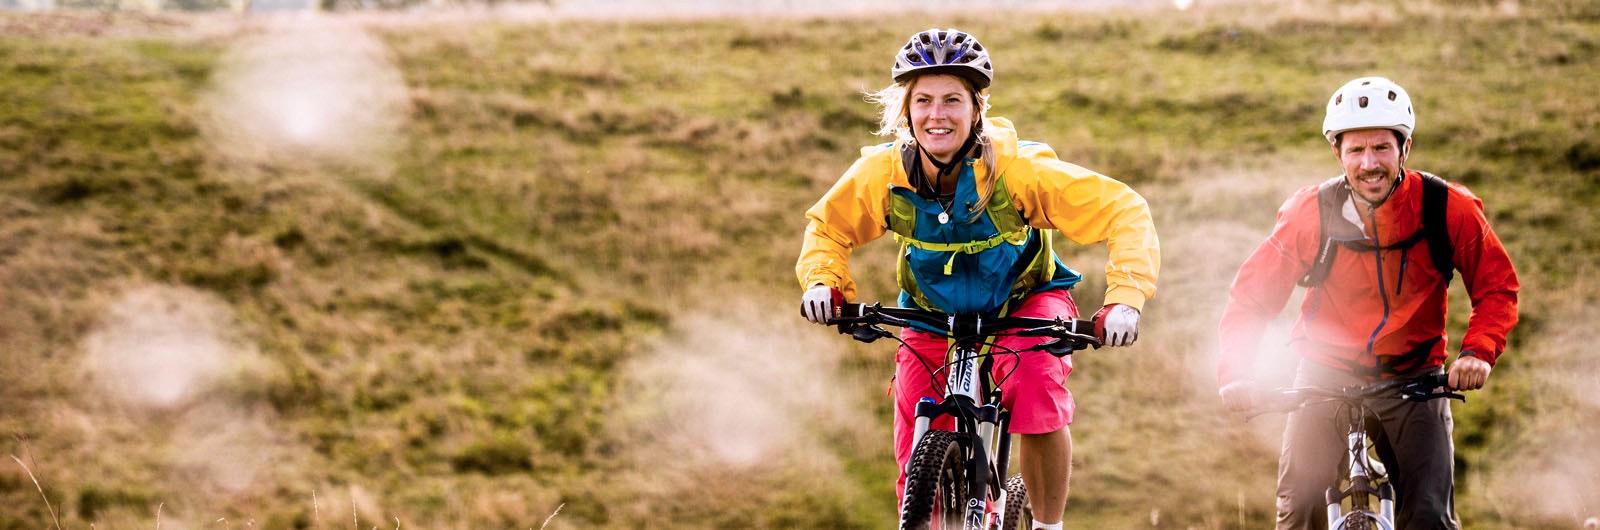 Två cyklister på mountainbikes